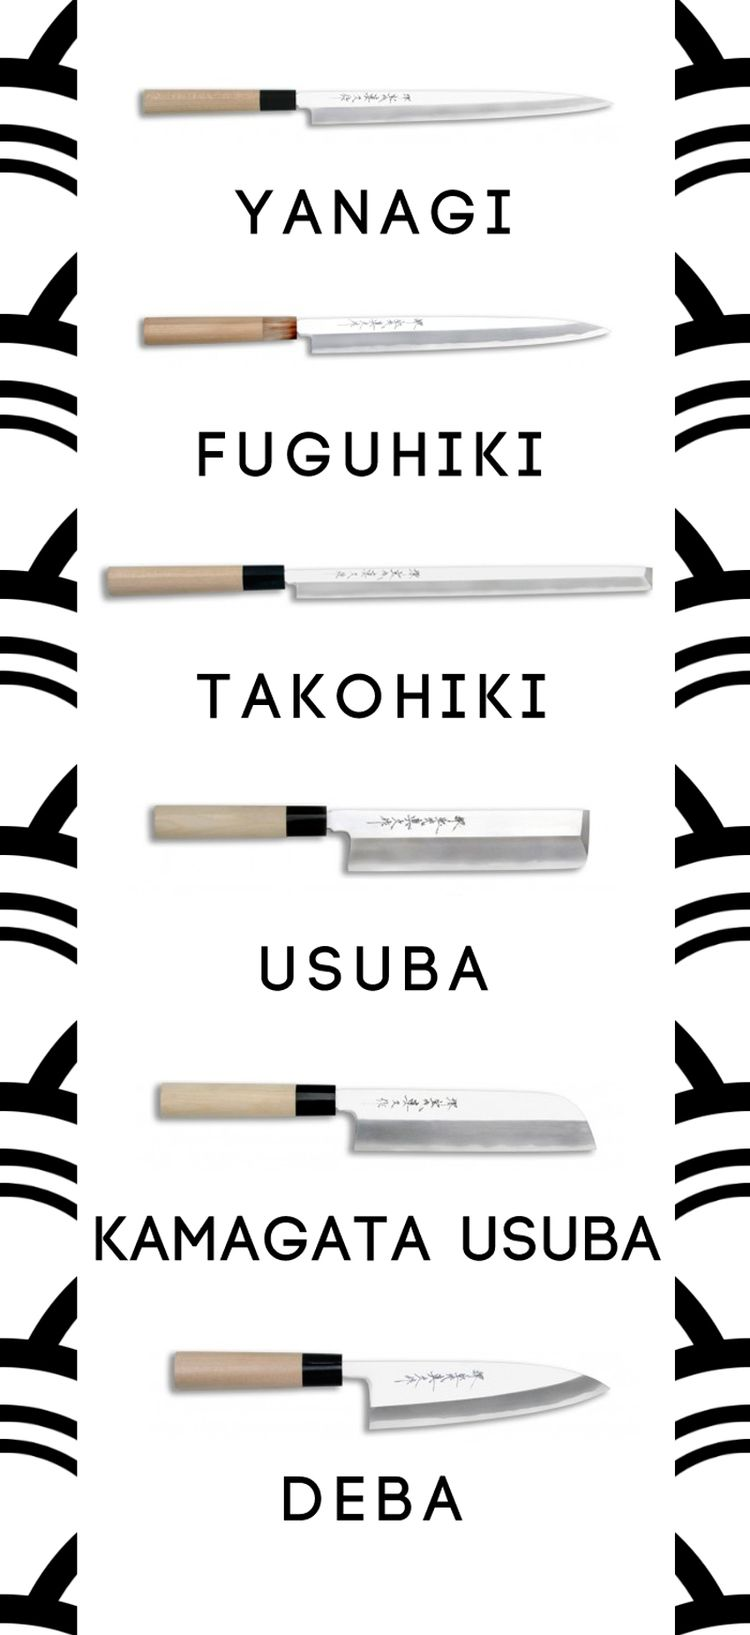 tipos de cuchillos japoneses                                                                                                                                                                                 Más